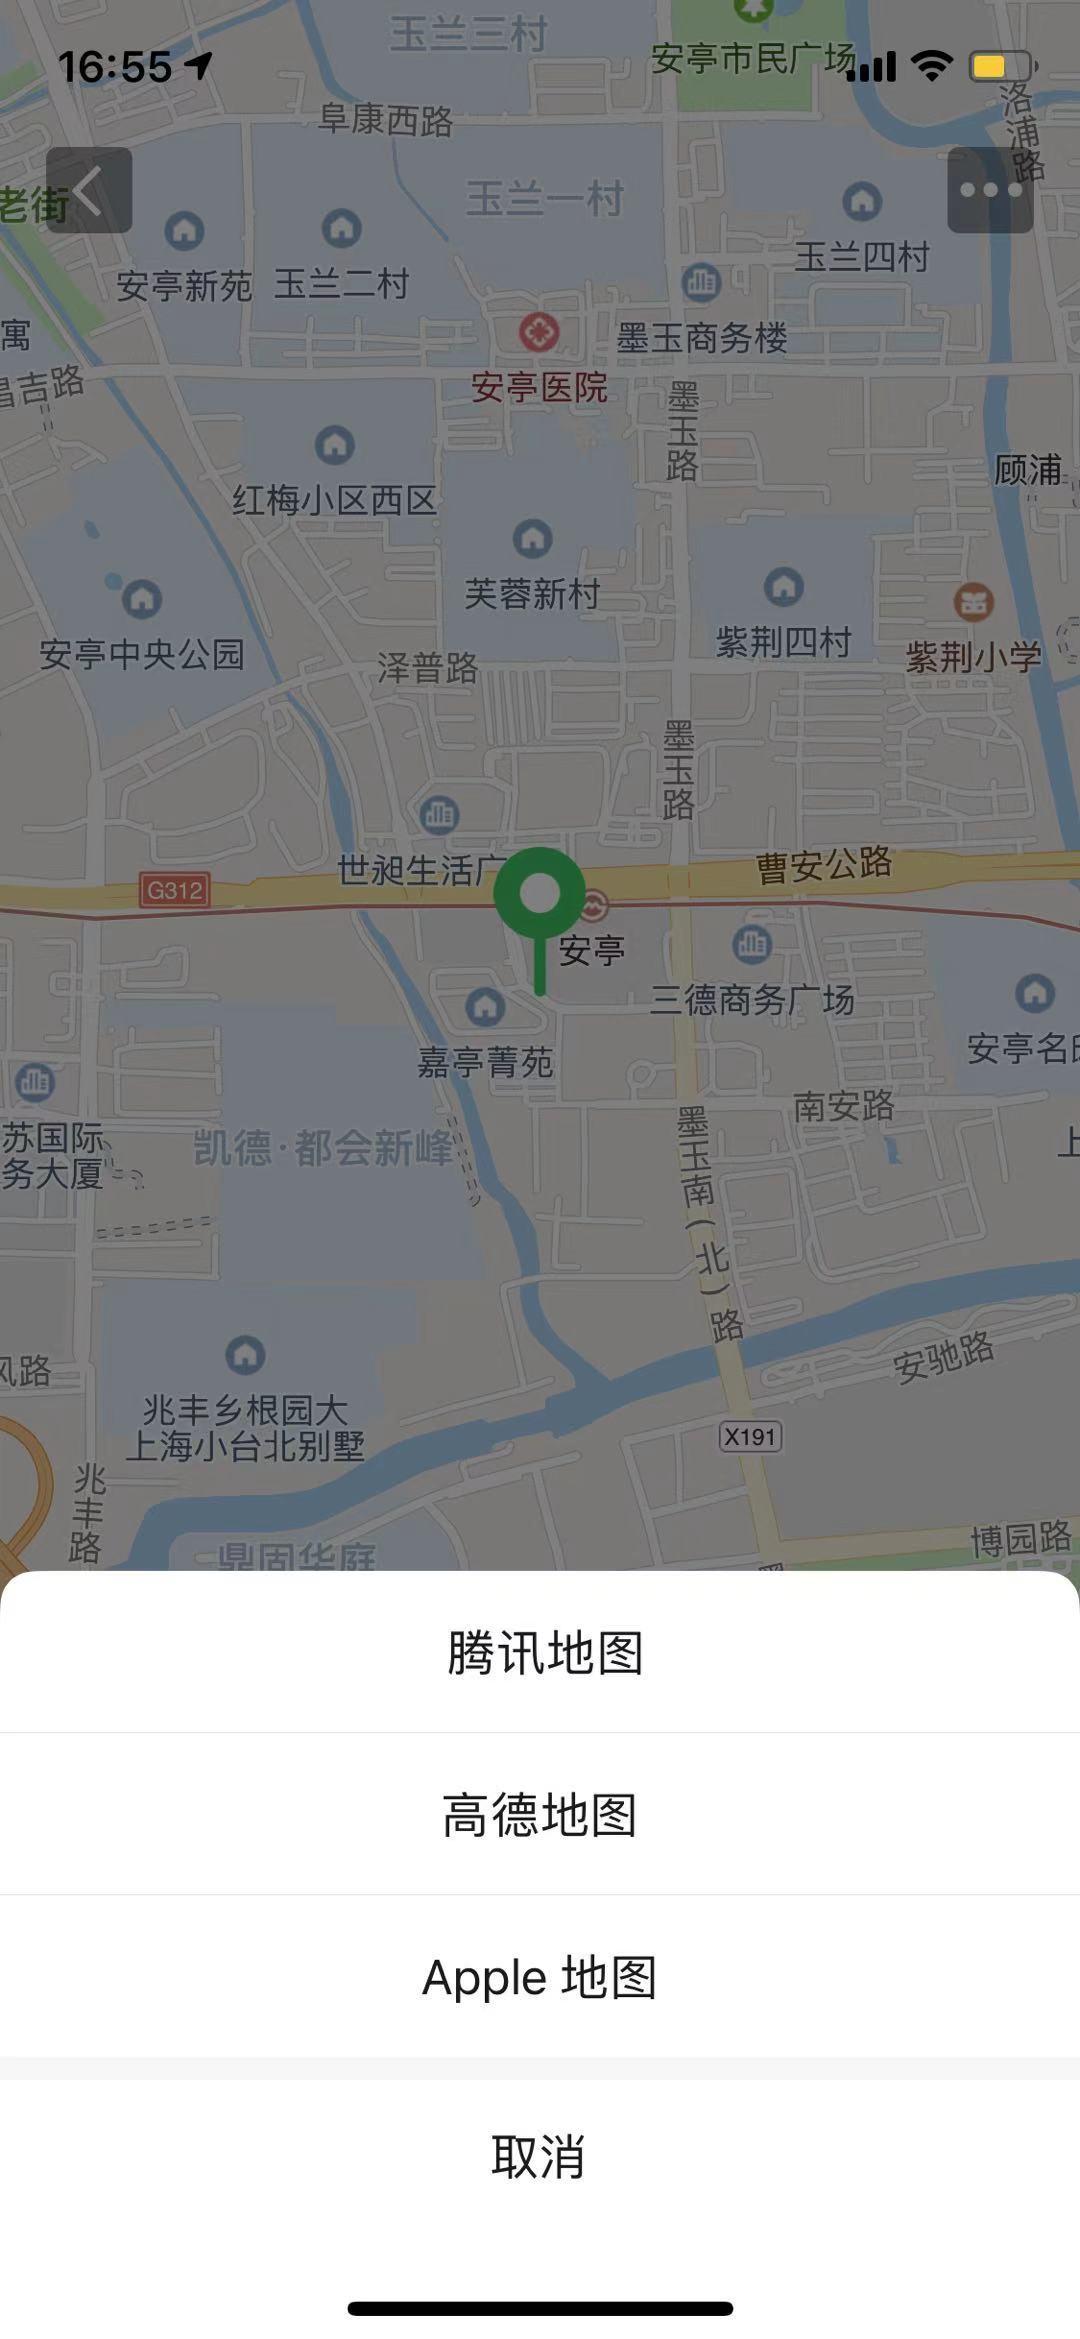 小程序到店自取(消费)支持地图导航功能